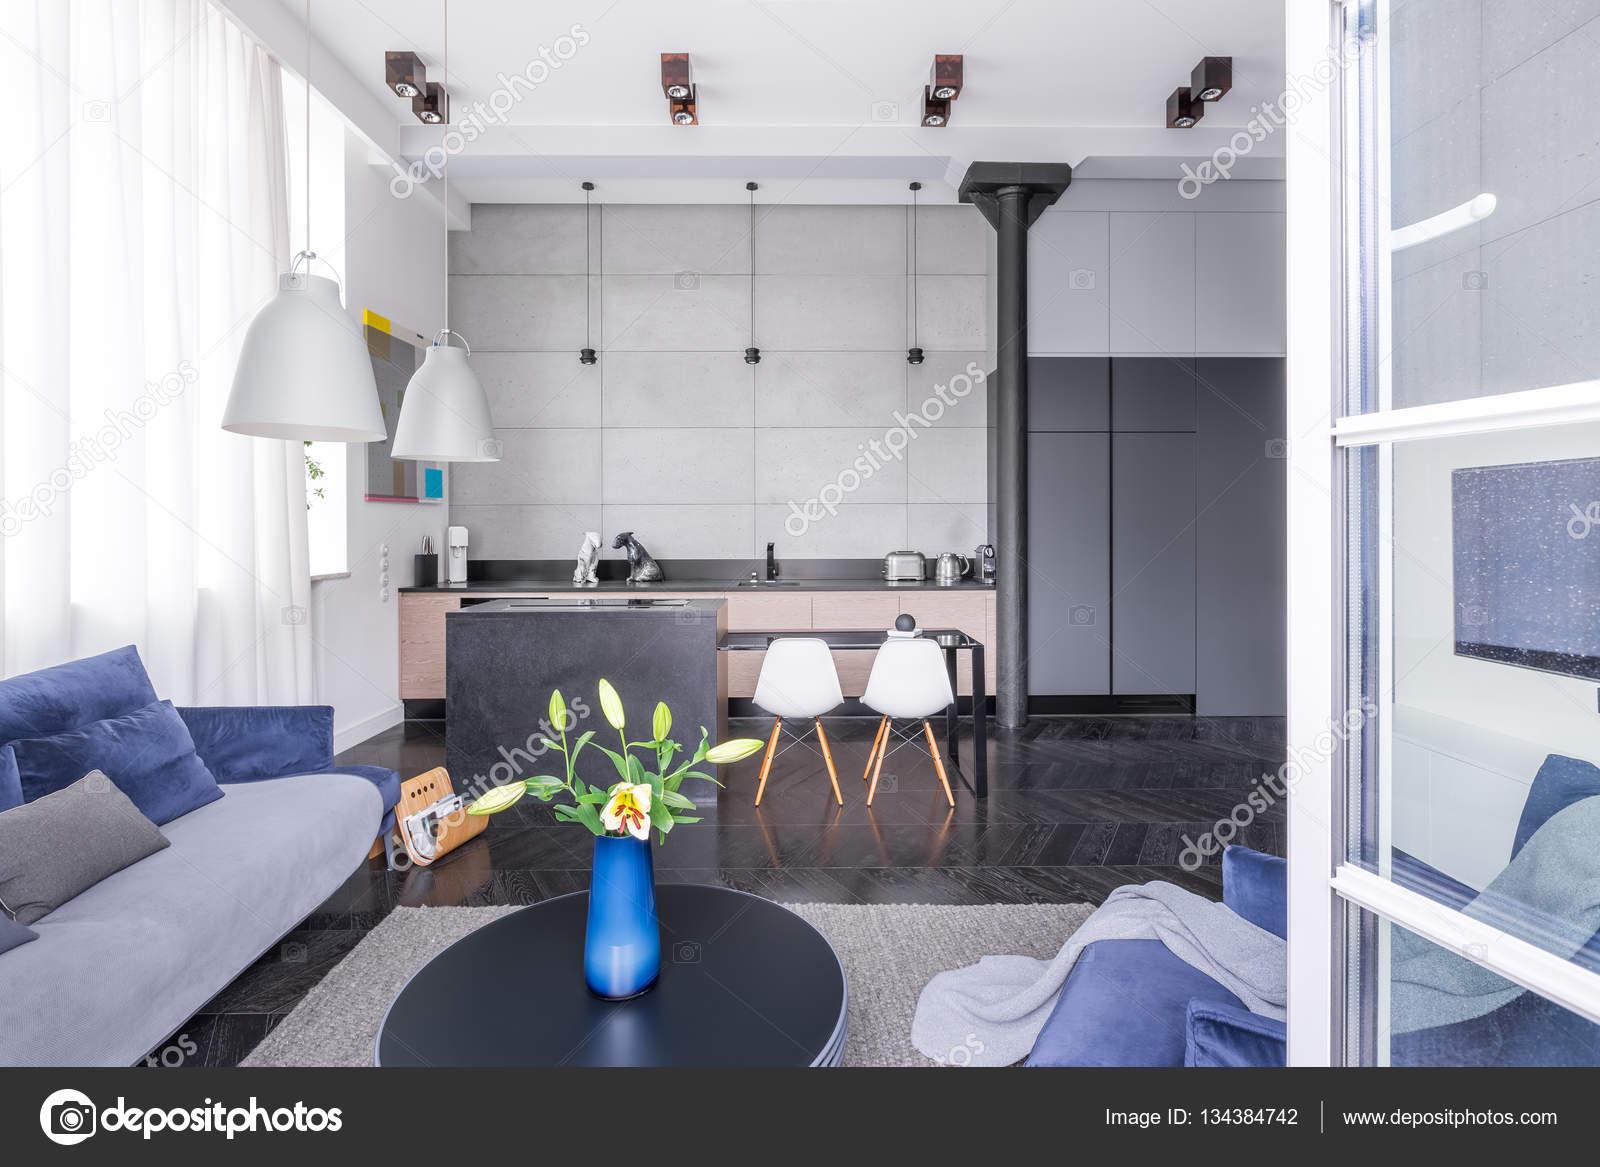 Offenen Boden Wohnung Stockfoto C In4mal 134384742